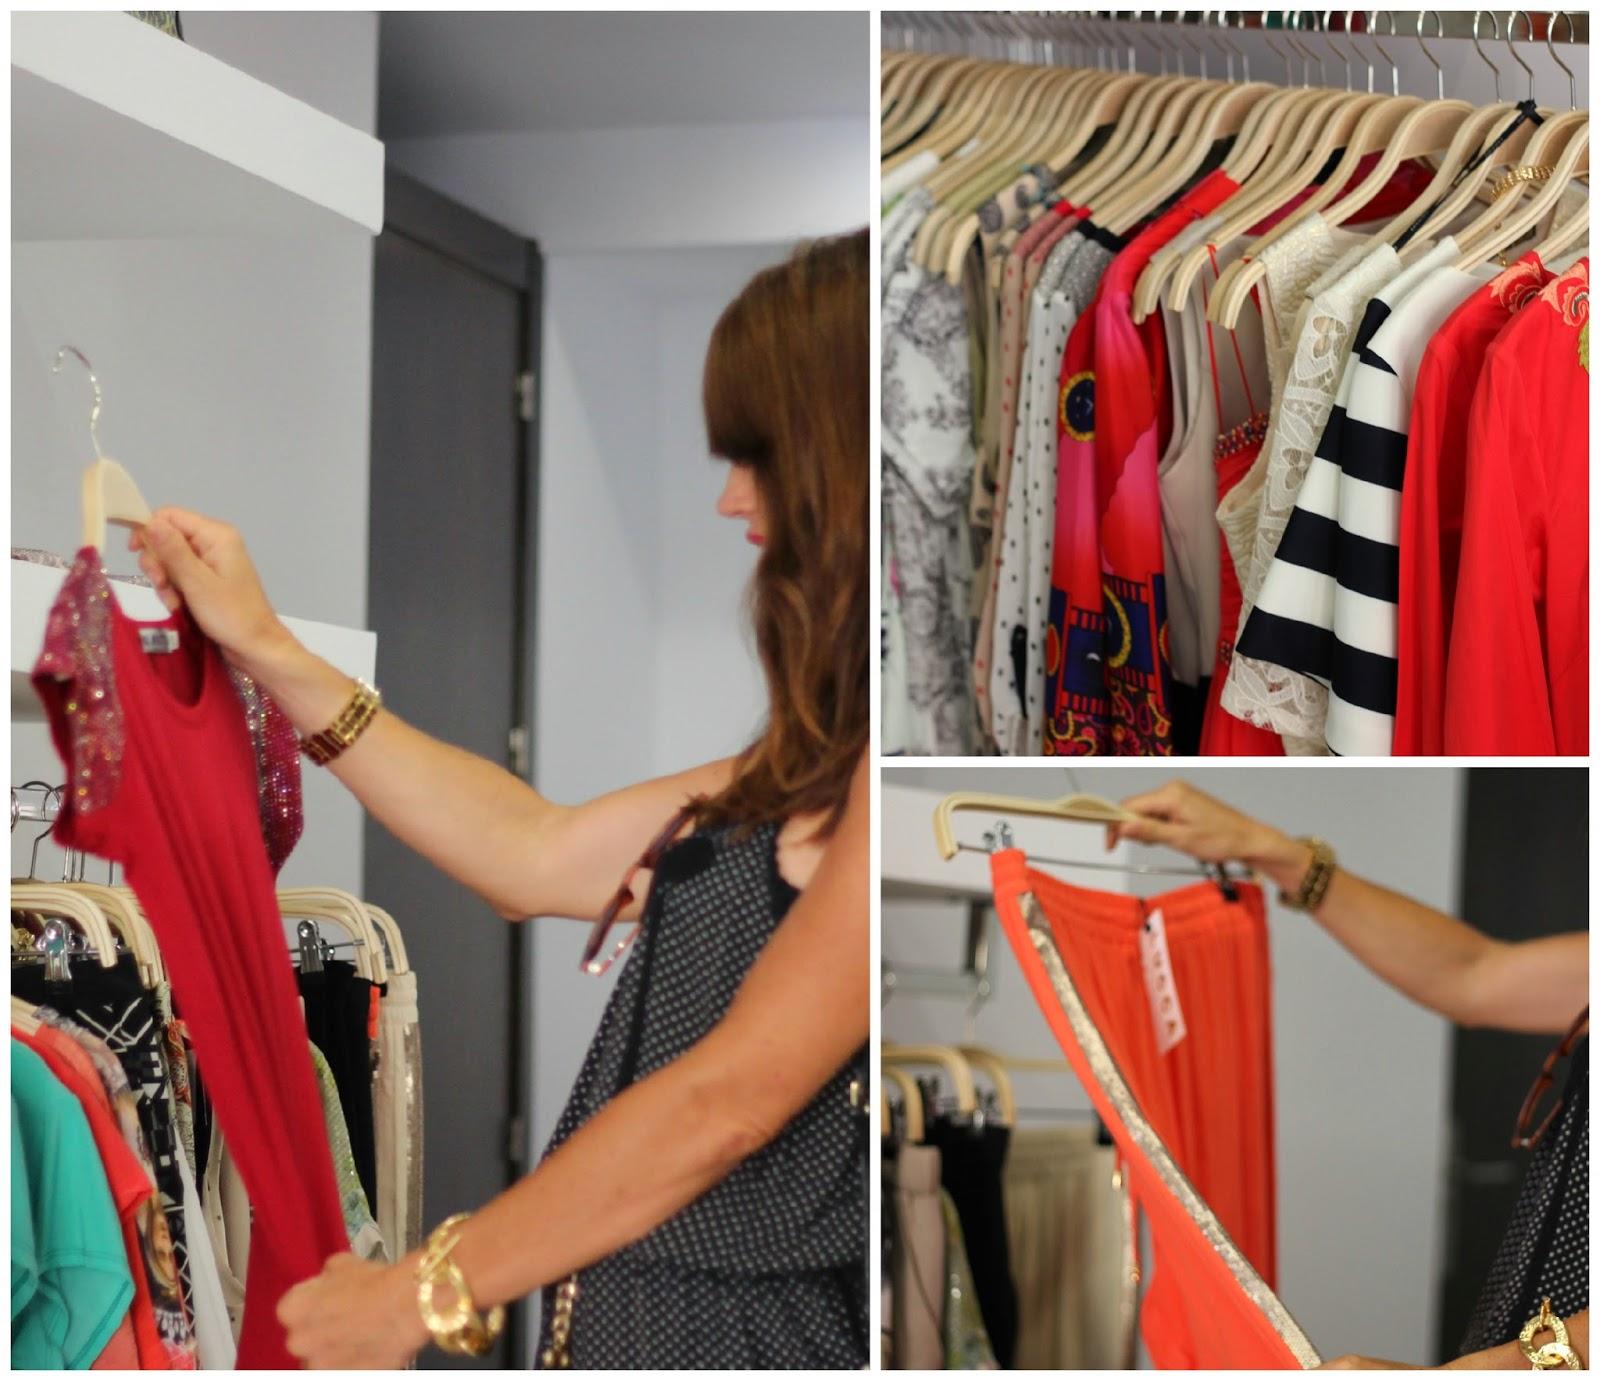 Comercio en Guardamar - Shopping experiences - Guardamar shopping